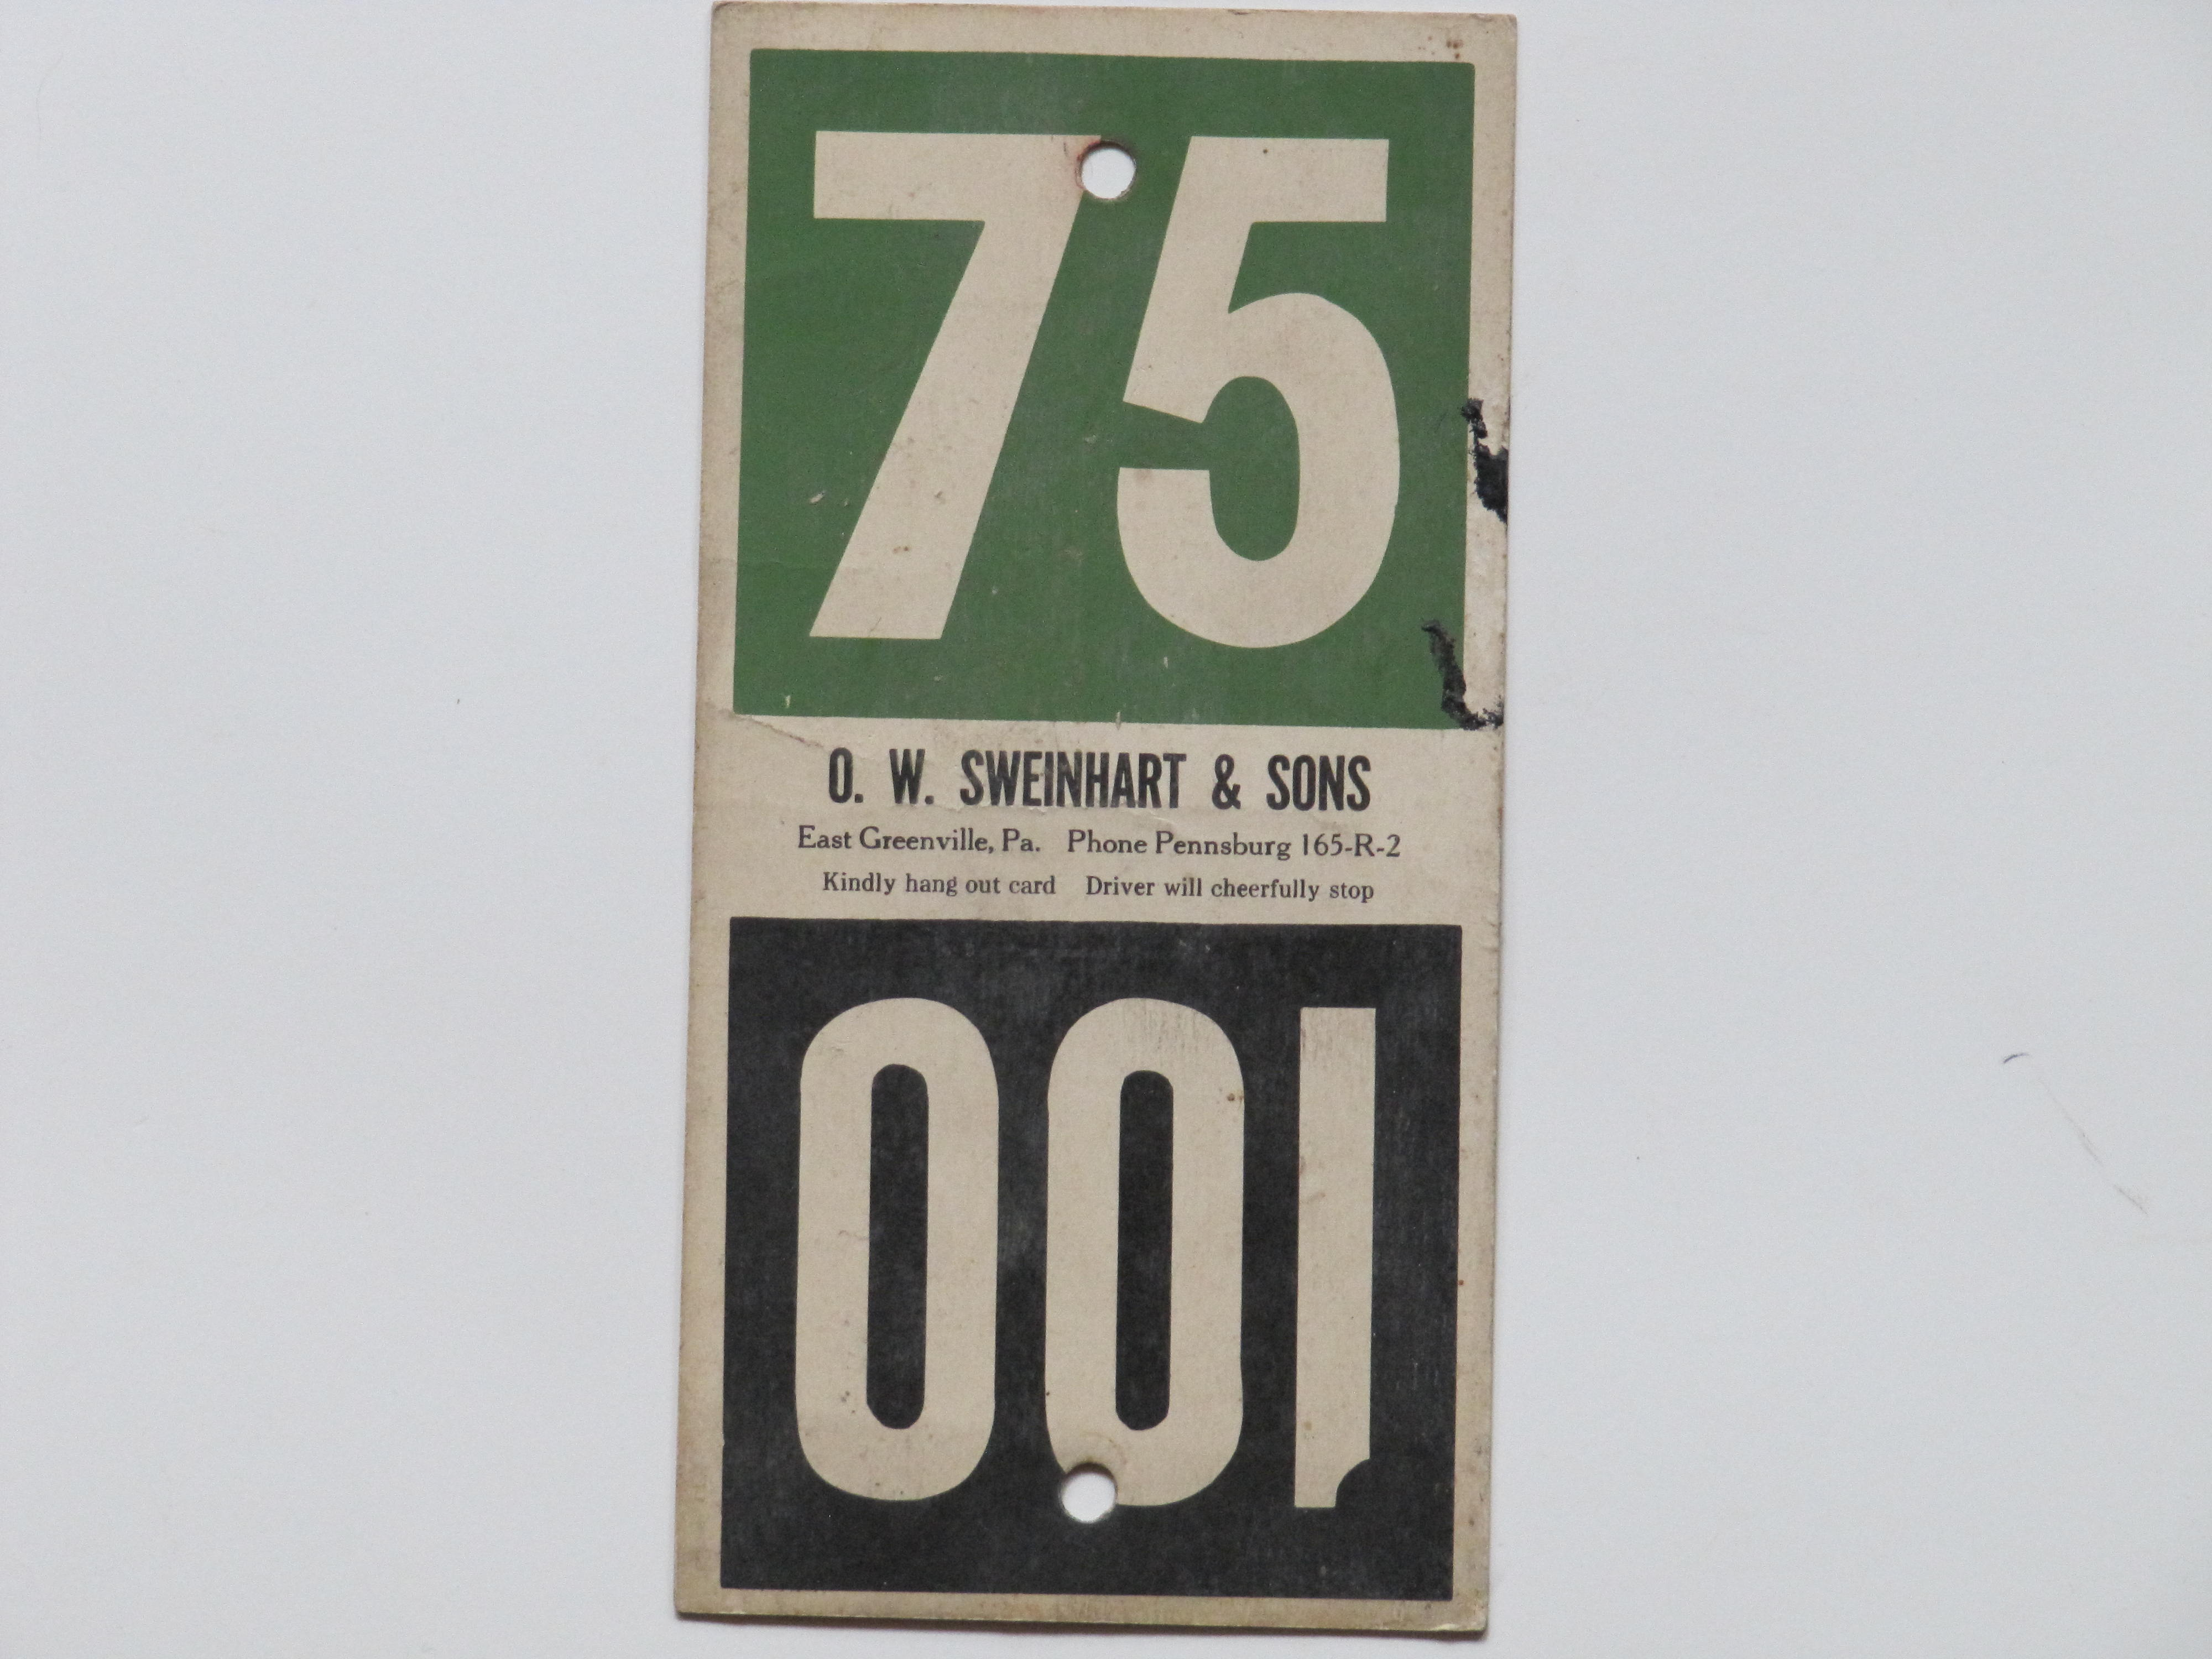 O.W. Sweinhart & Sons